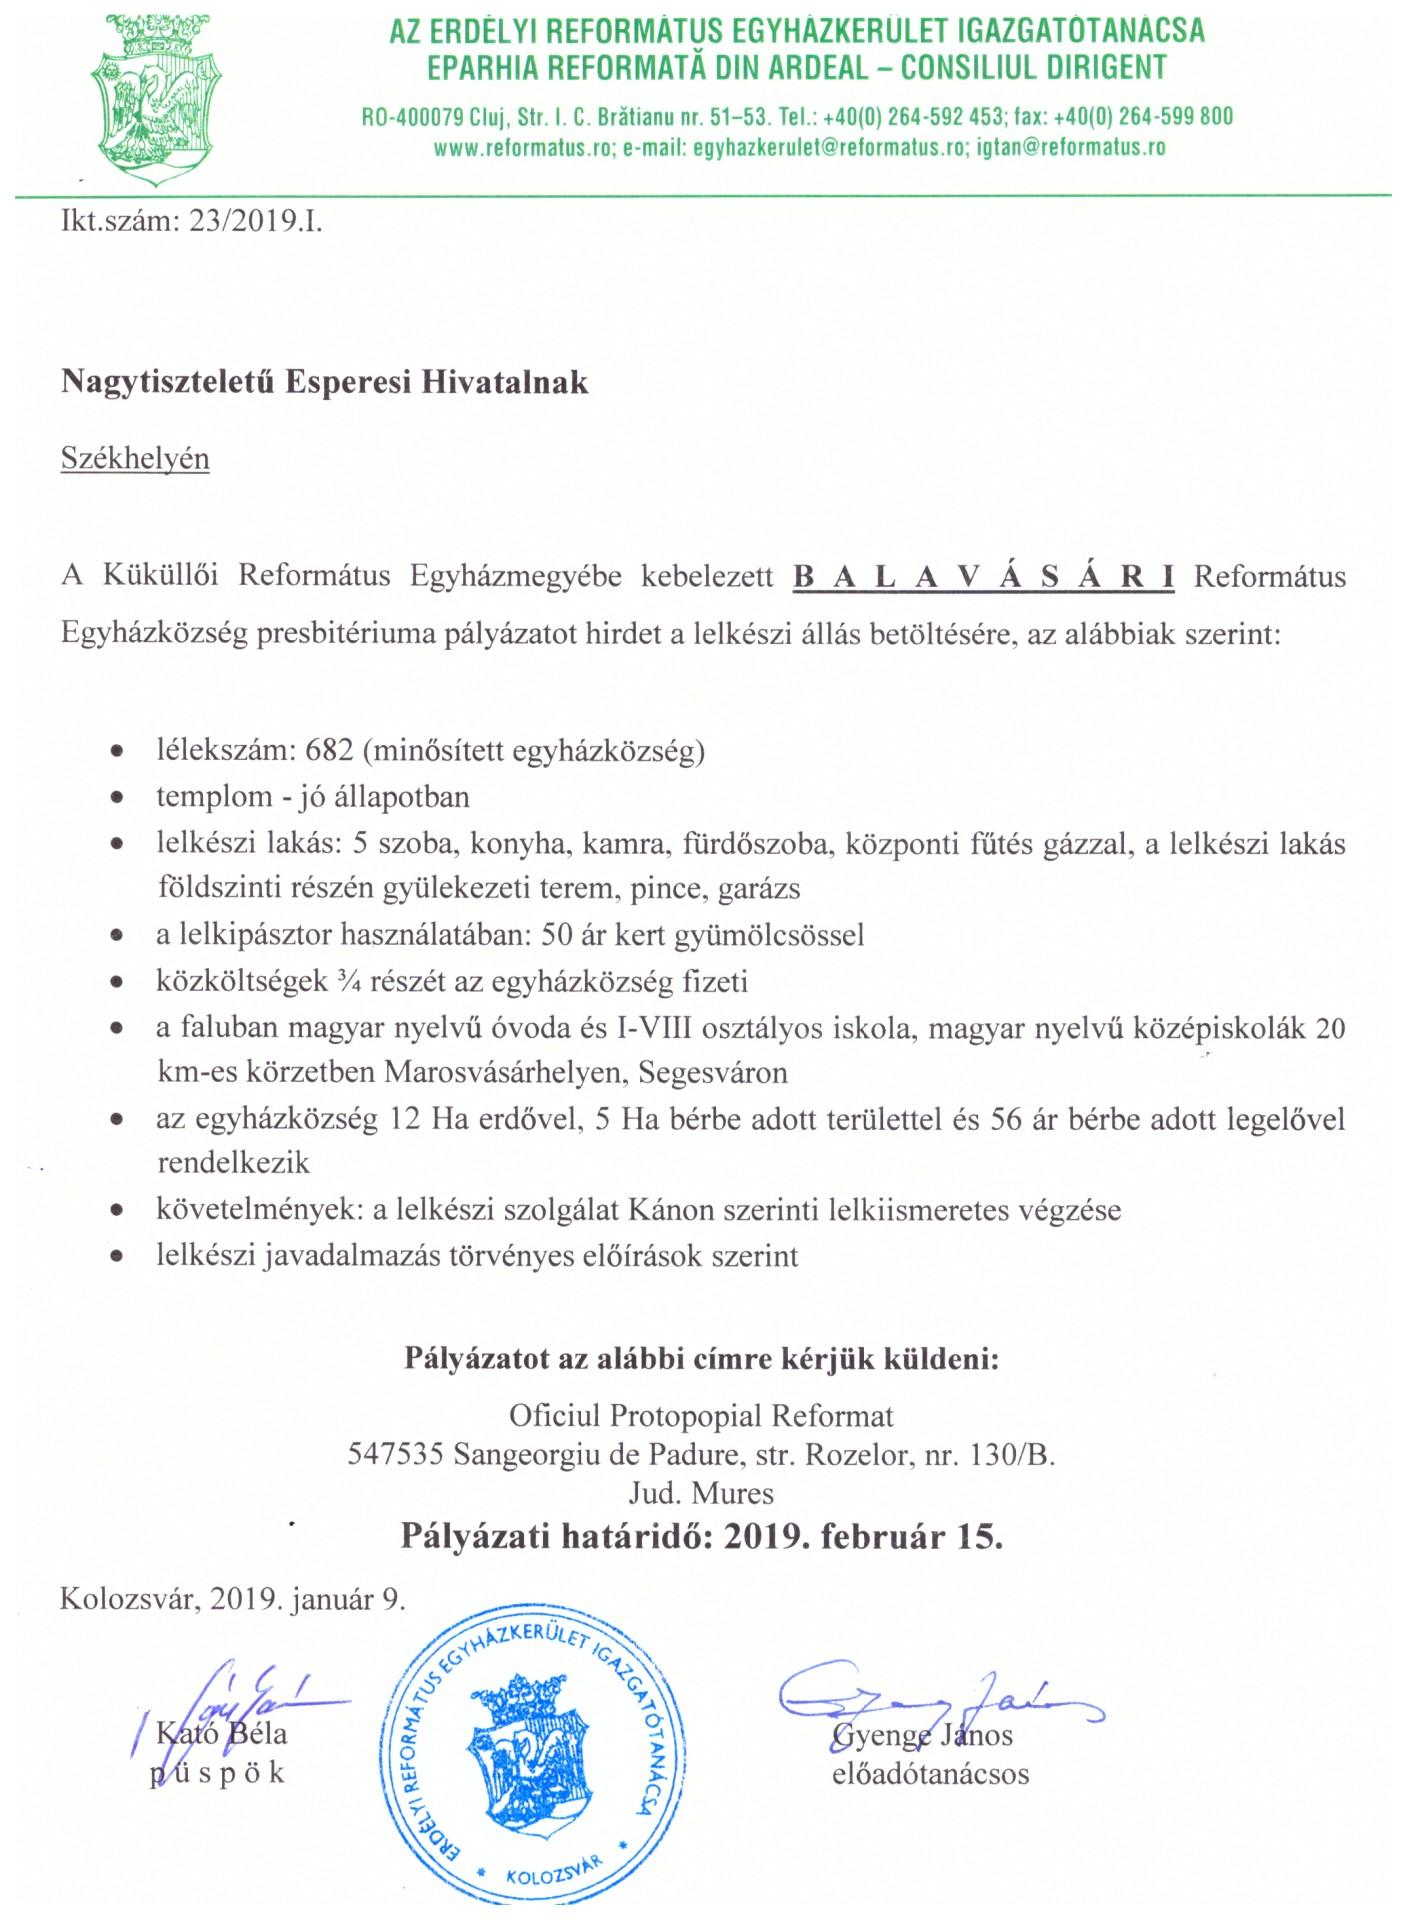 Pályázat - Balavásár